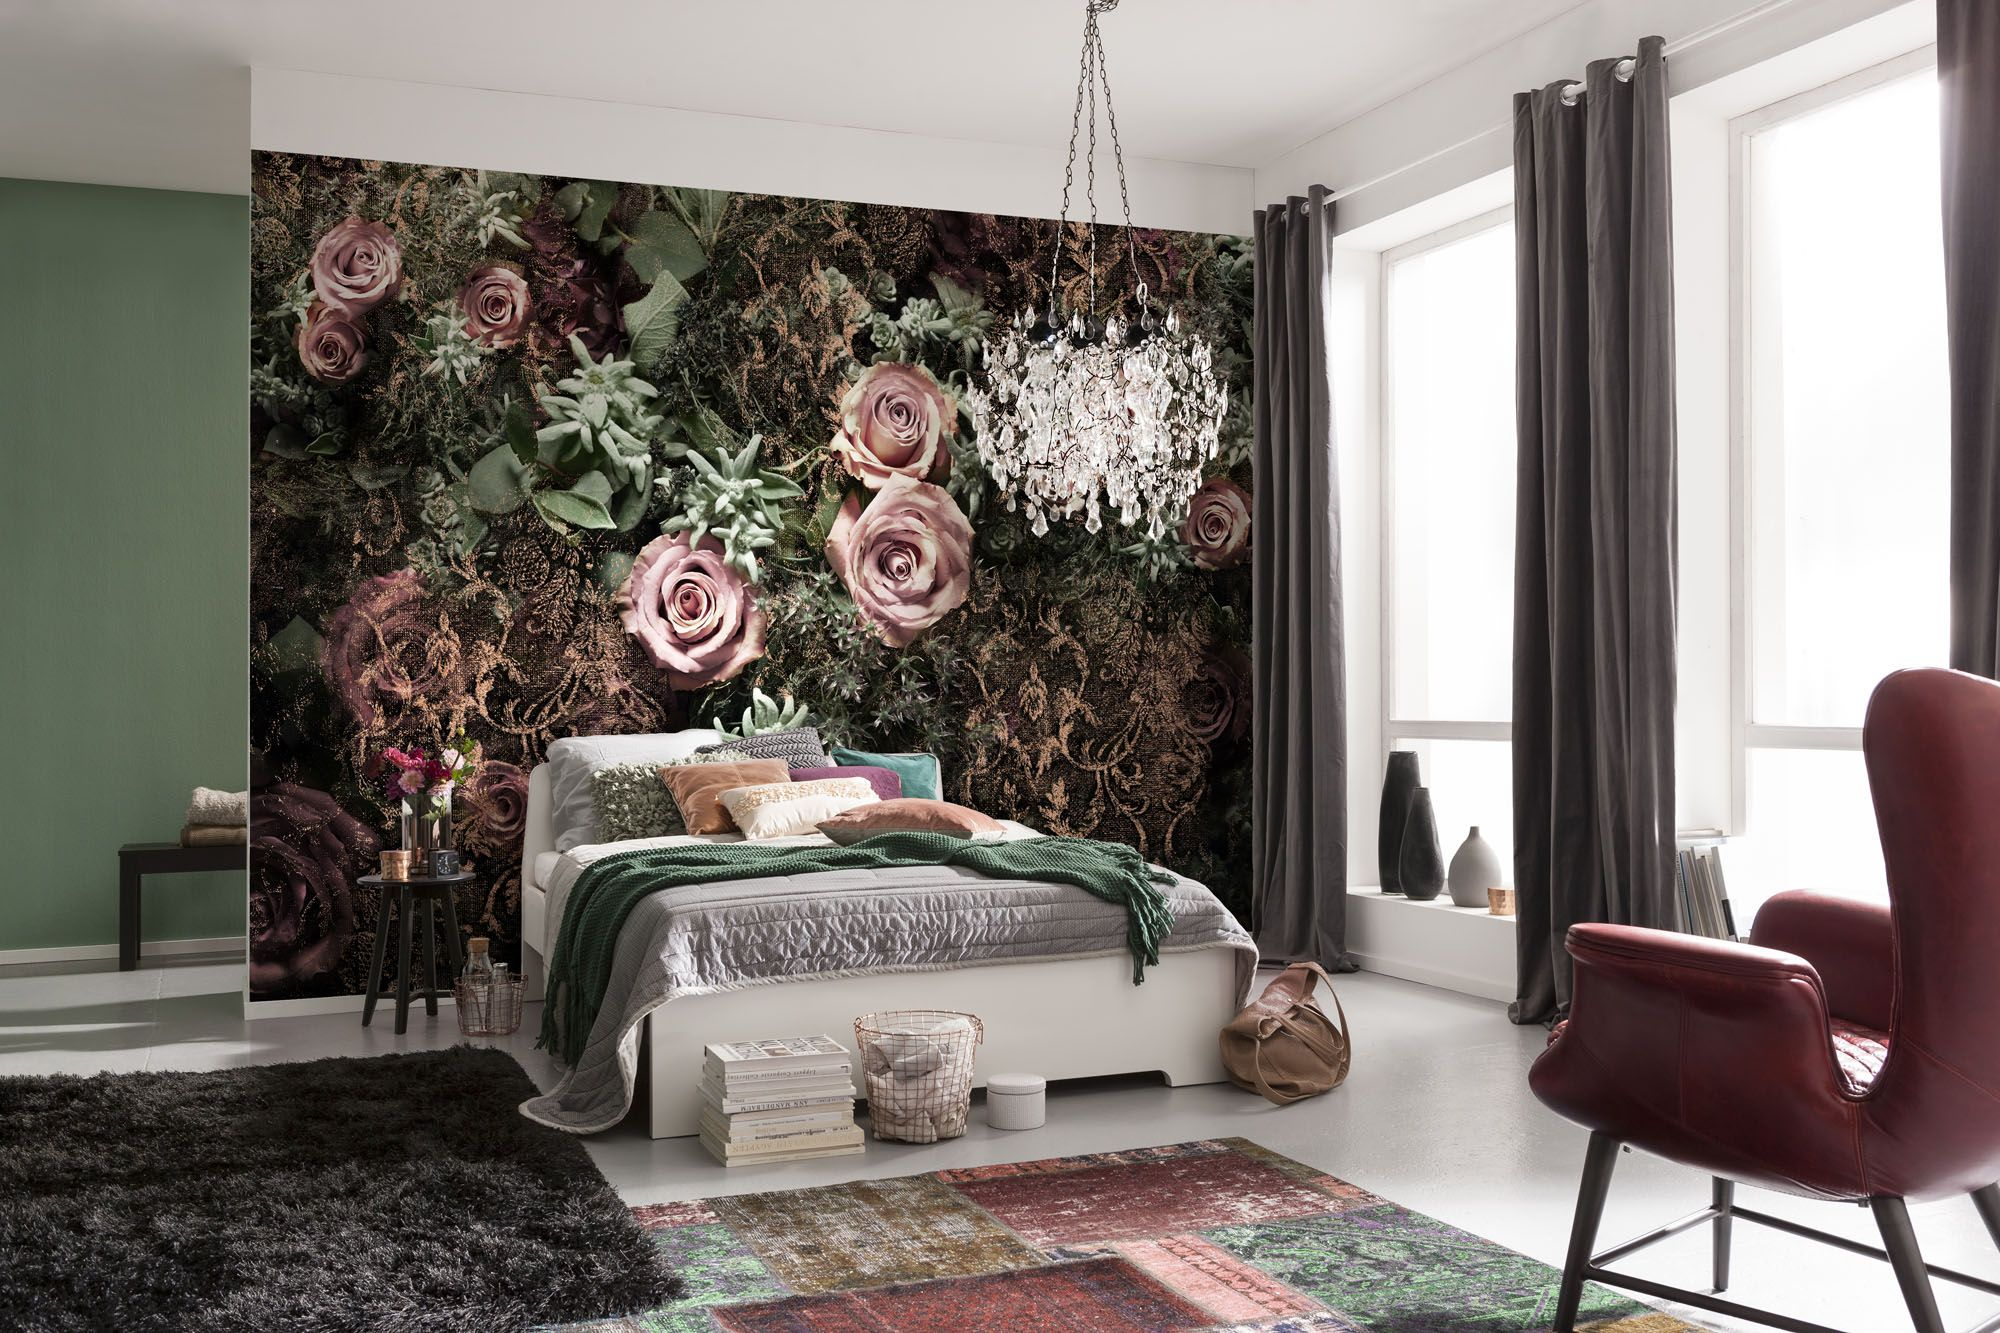 fototapeten 8 980 velvet schlaf auf rosen gebettet und tr ume werden wahr velvet. Black Bedroom Furniture Sets. Home Design Ideas